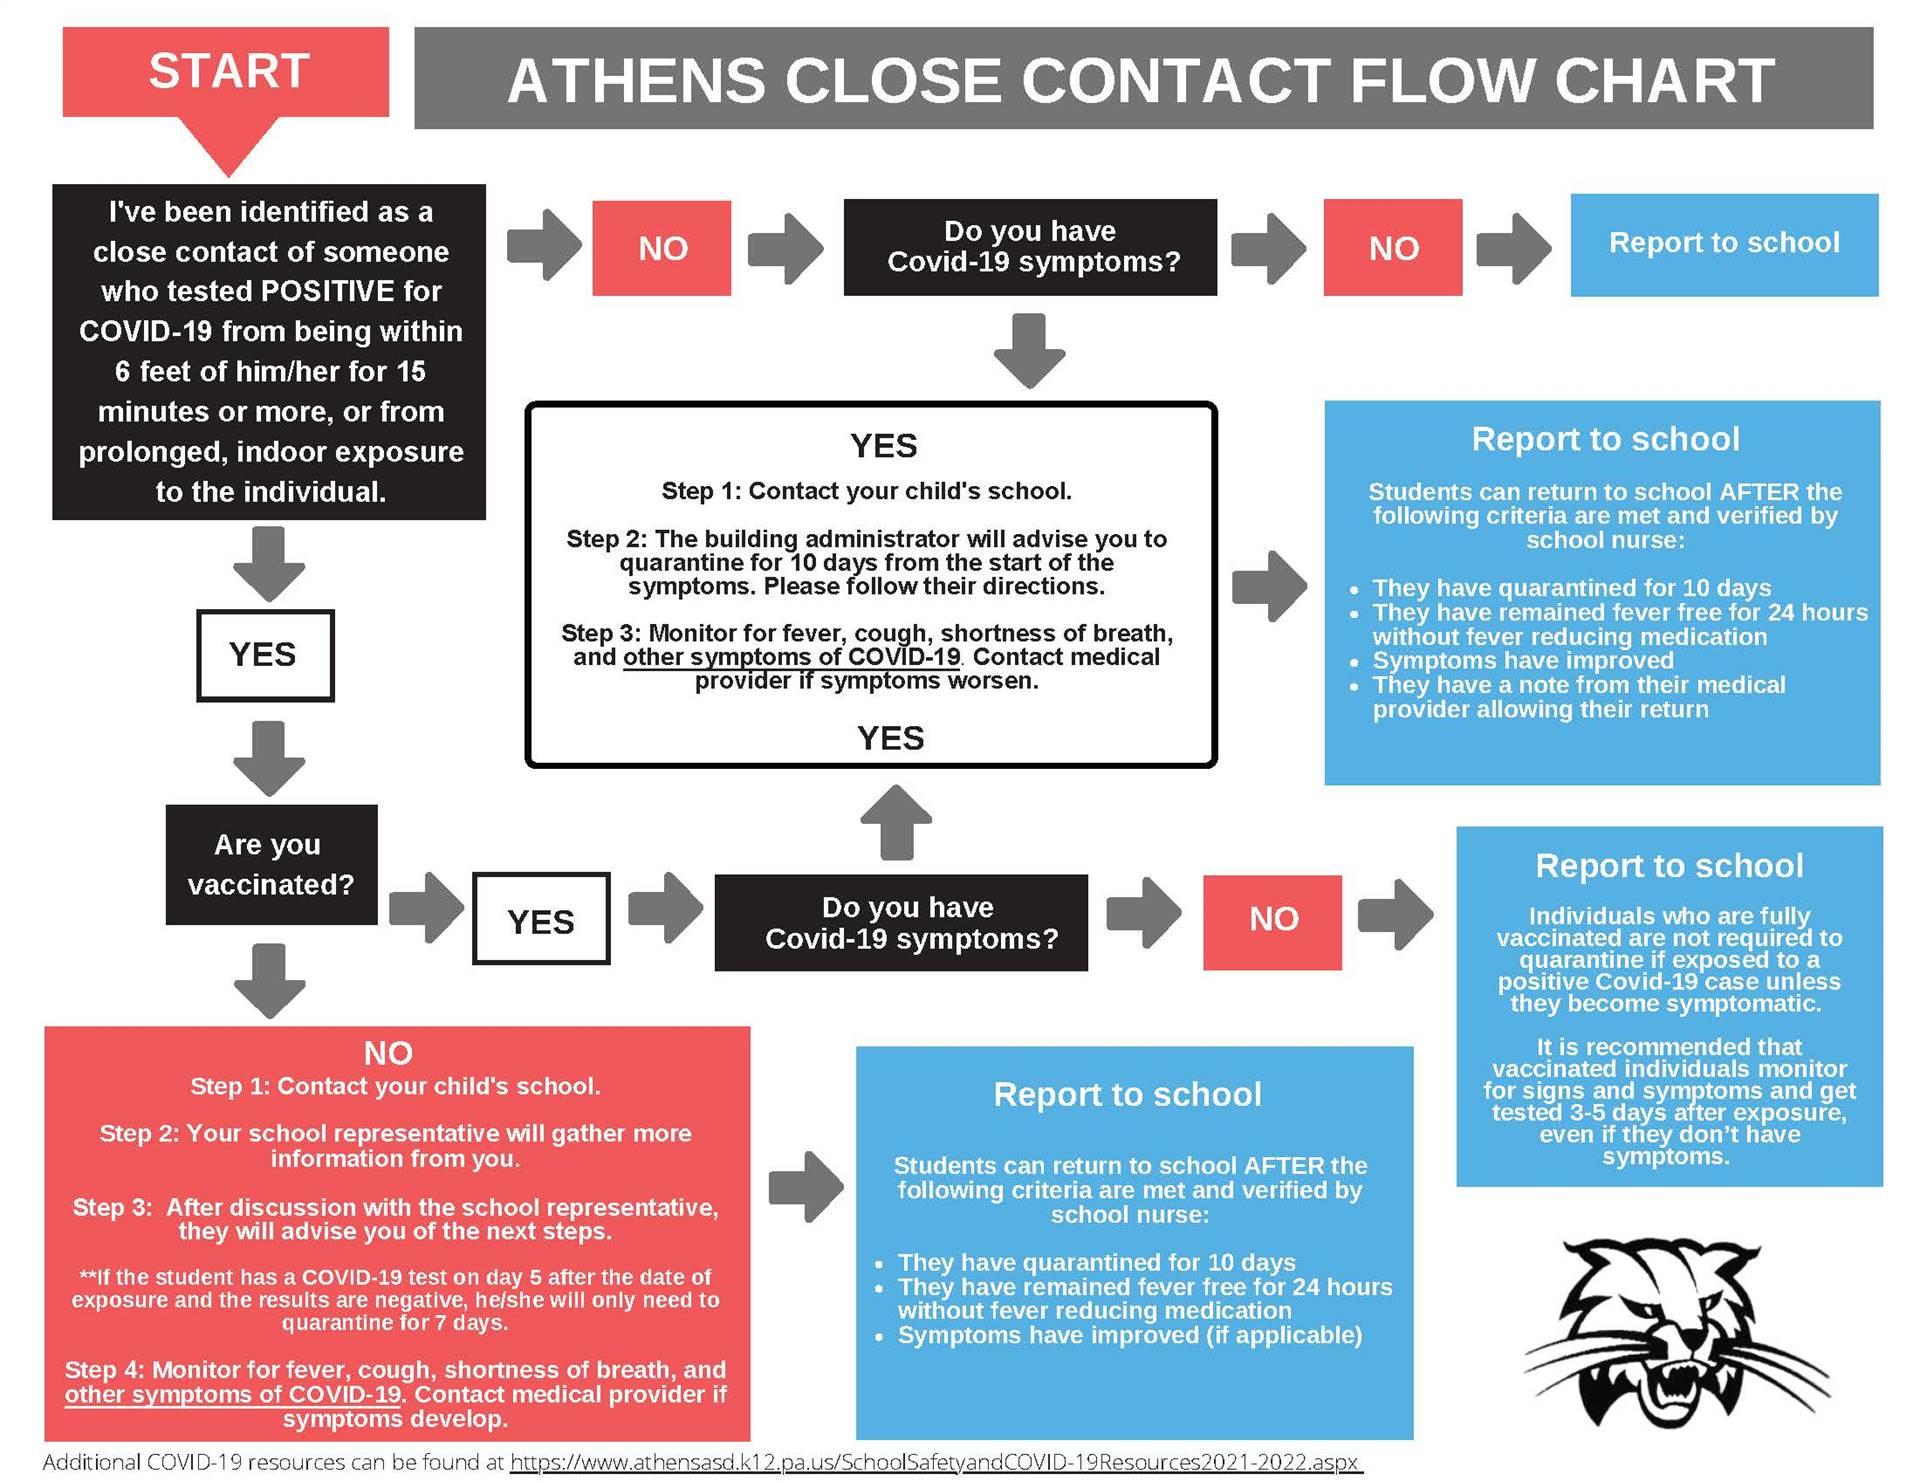 Athens Close Contact Flow Chart